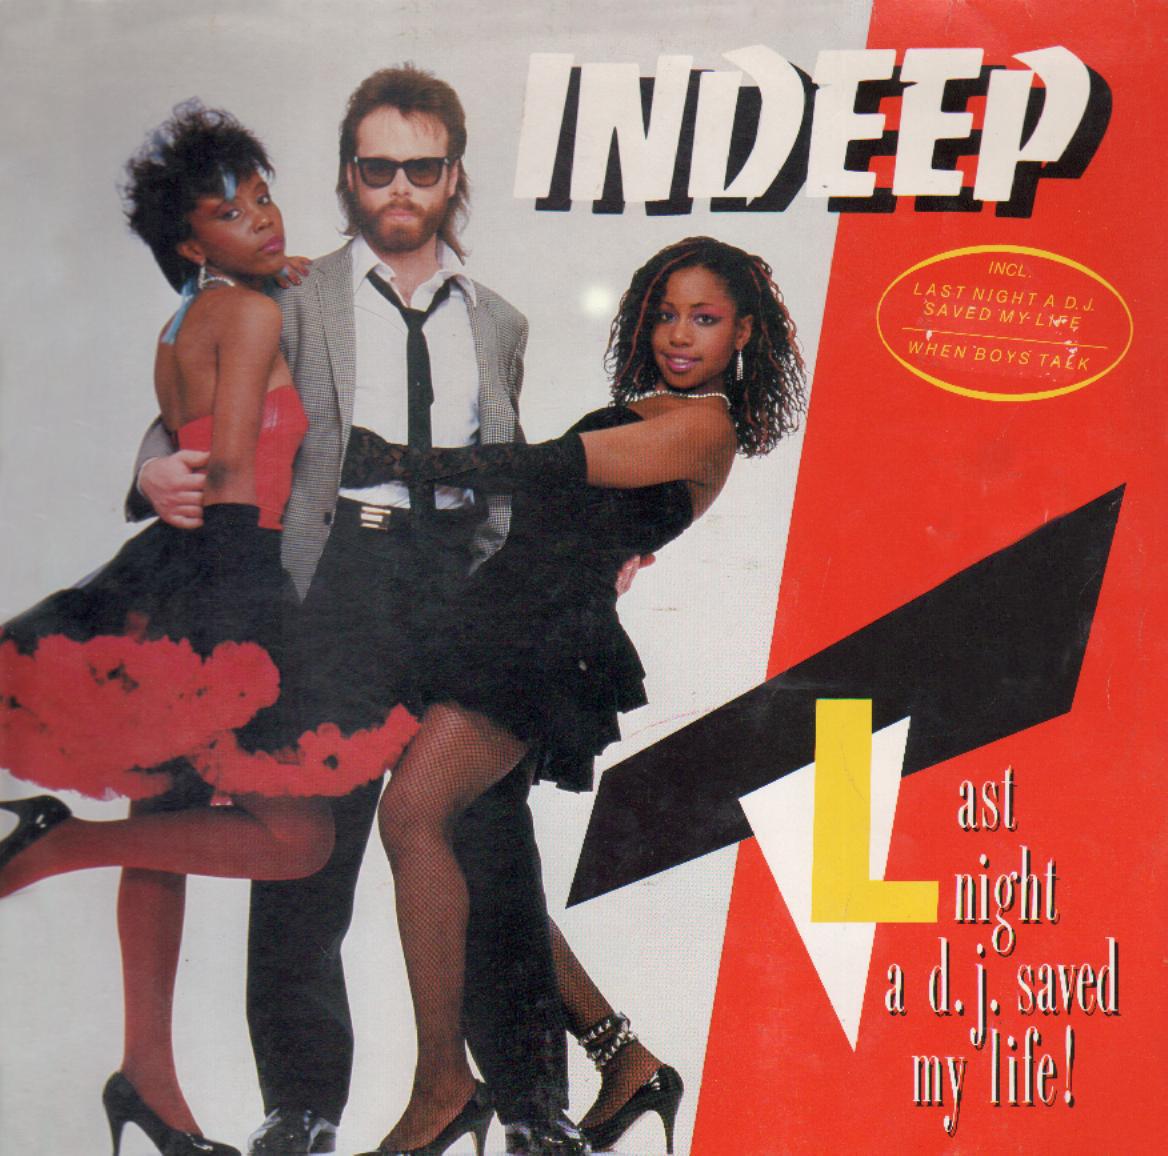 indeep last night a dj saved my life copertina